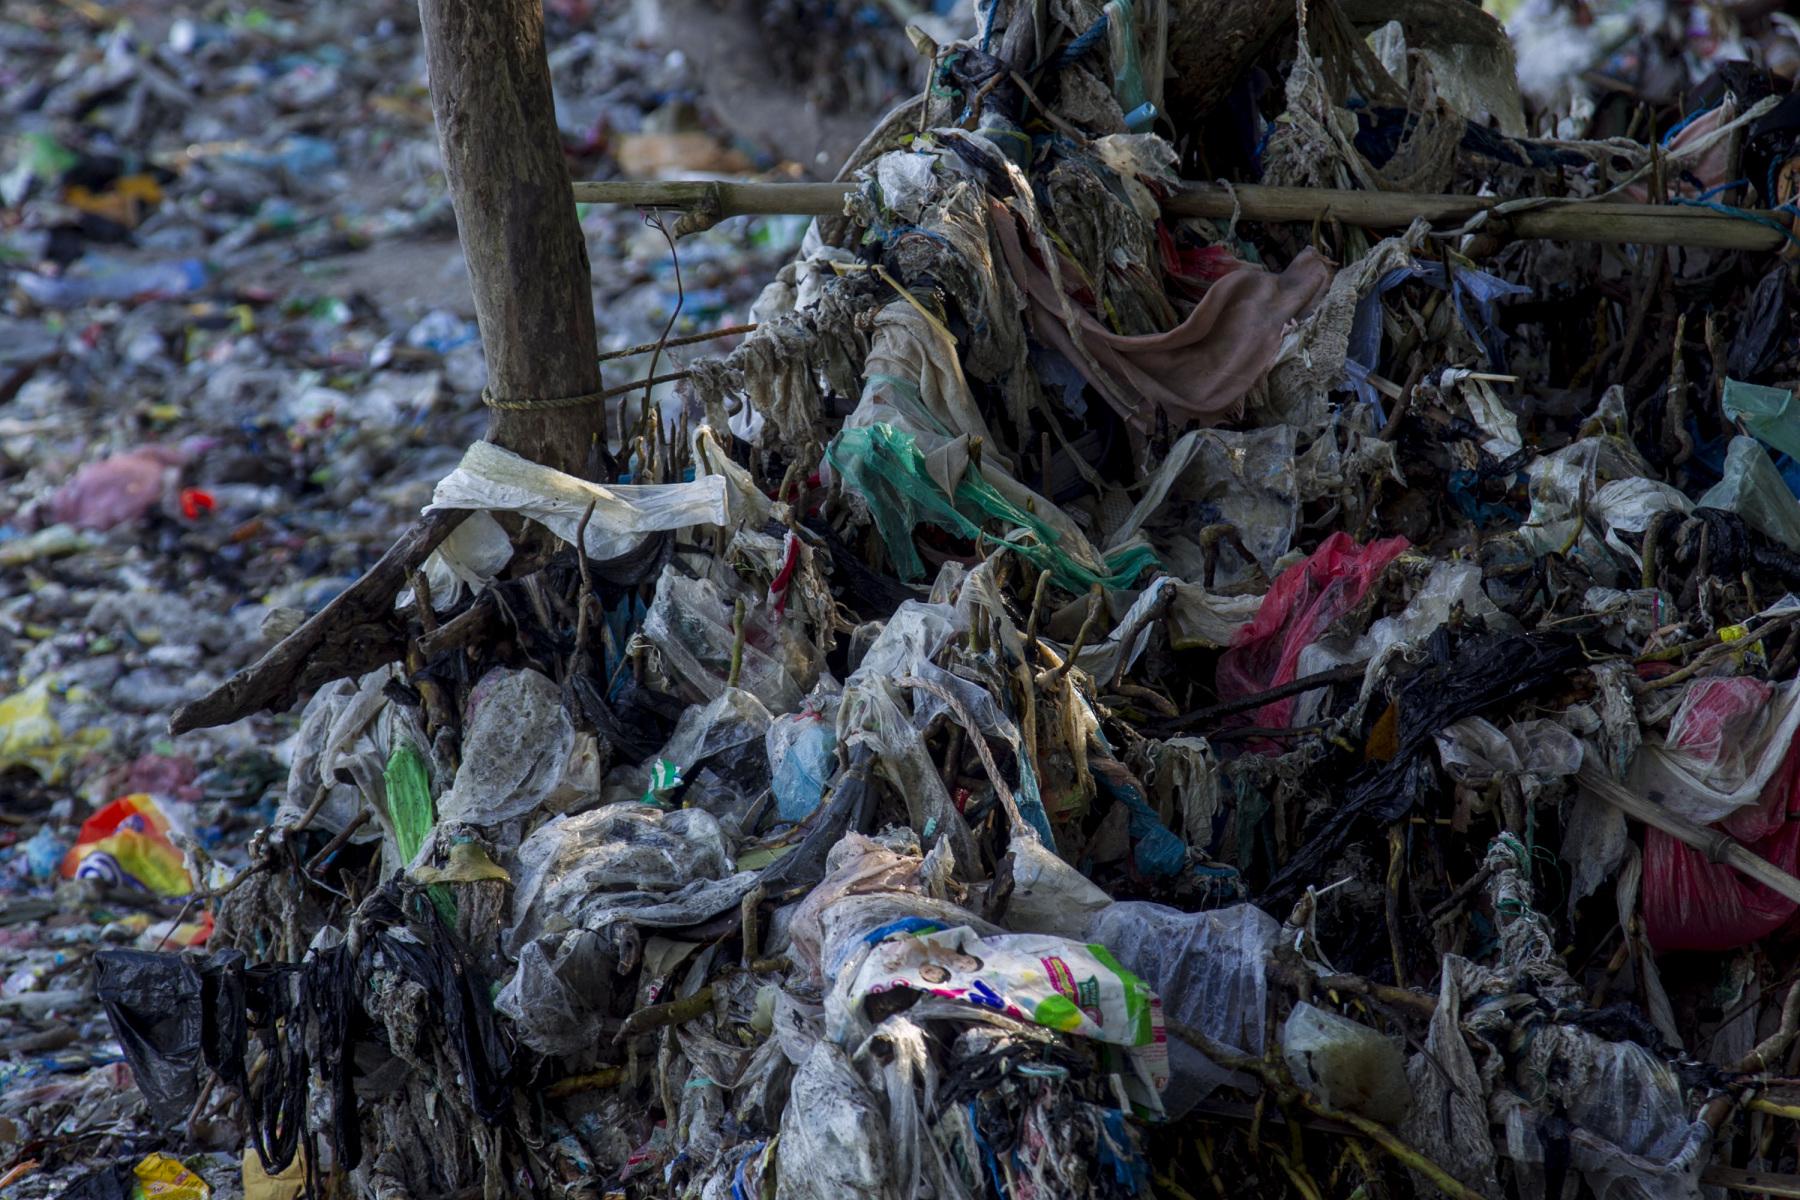 Sampah plastik di kawasan hutan mangrove di dominasi oleh produk kebutuhan rumah tangga, makanan dan minuman serta berbagai macam jenis jaring yang dibuang oleh nelayan.